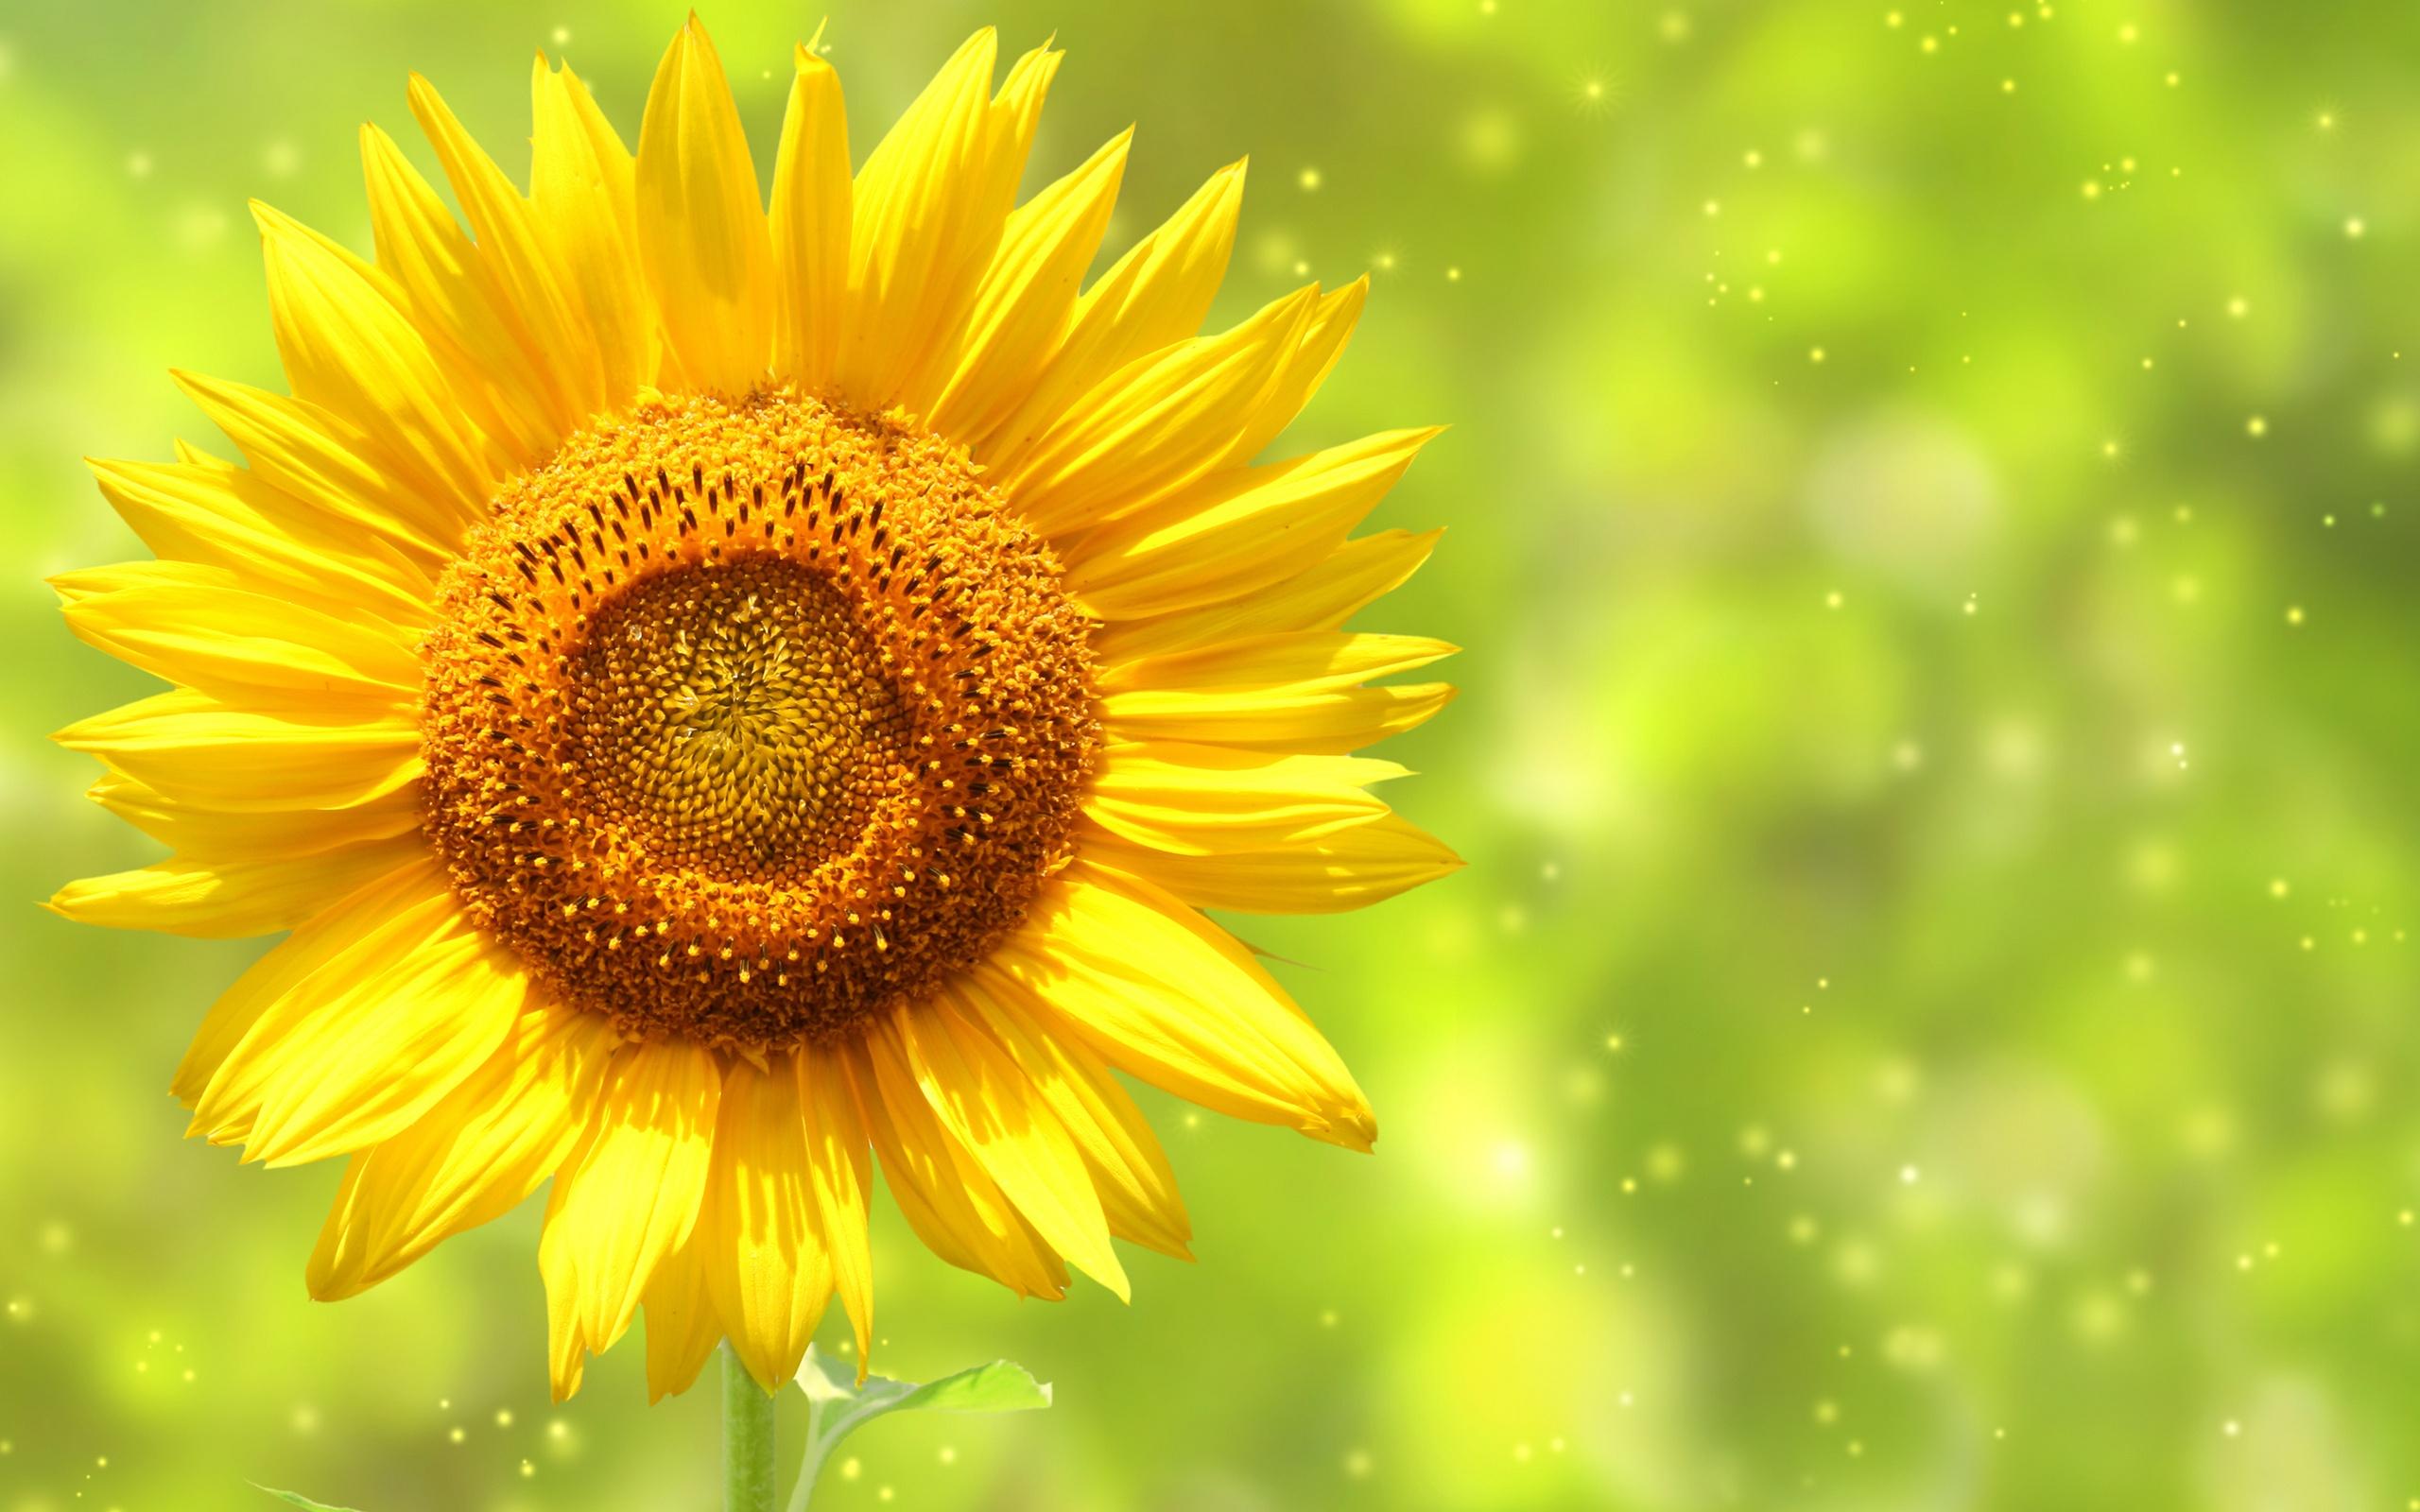 Hoa hướng dương dành tặng mẹ với ý nghĩa về niềm tin và hy vọng